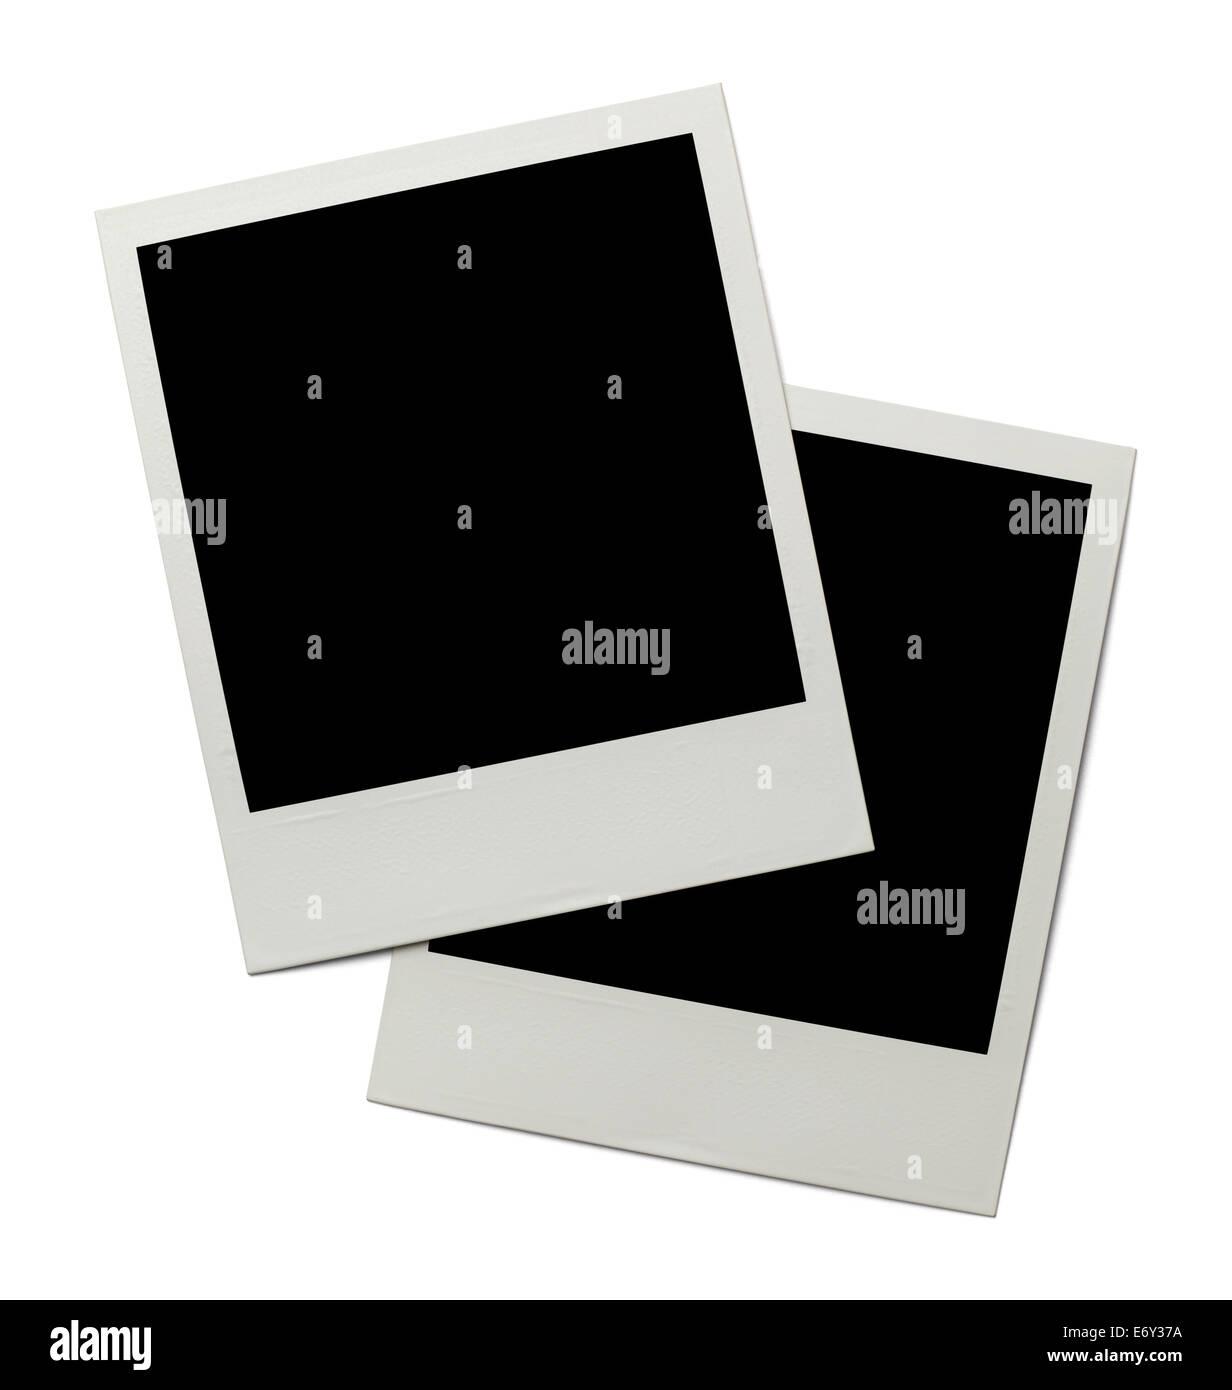 Two Retro Polaroid Photographs Isolated on White Background. - Stock Image